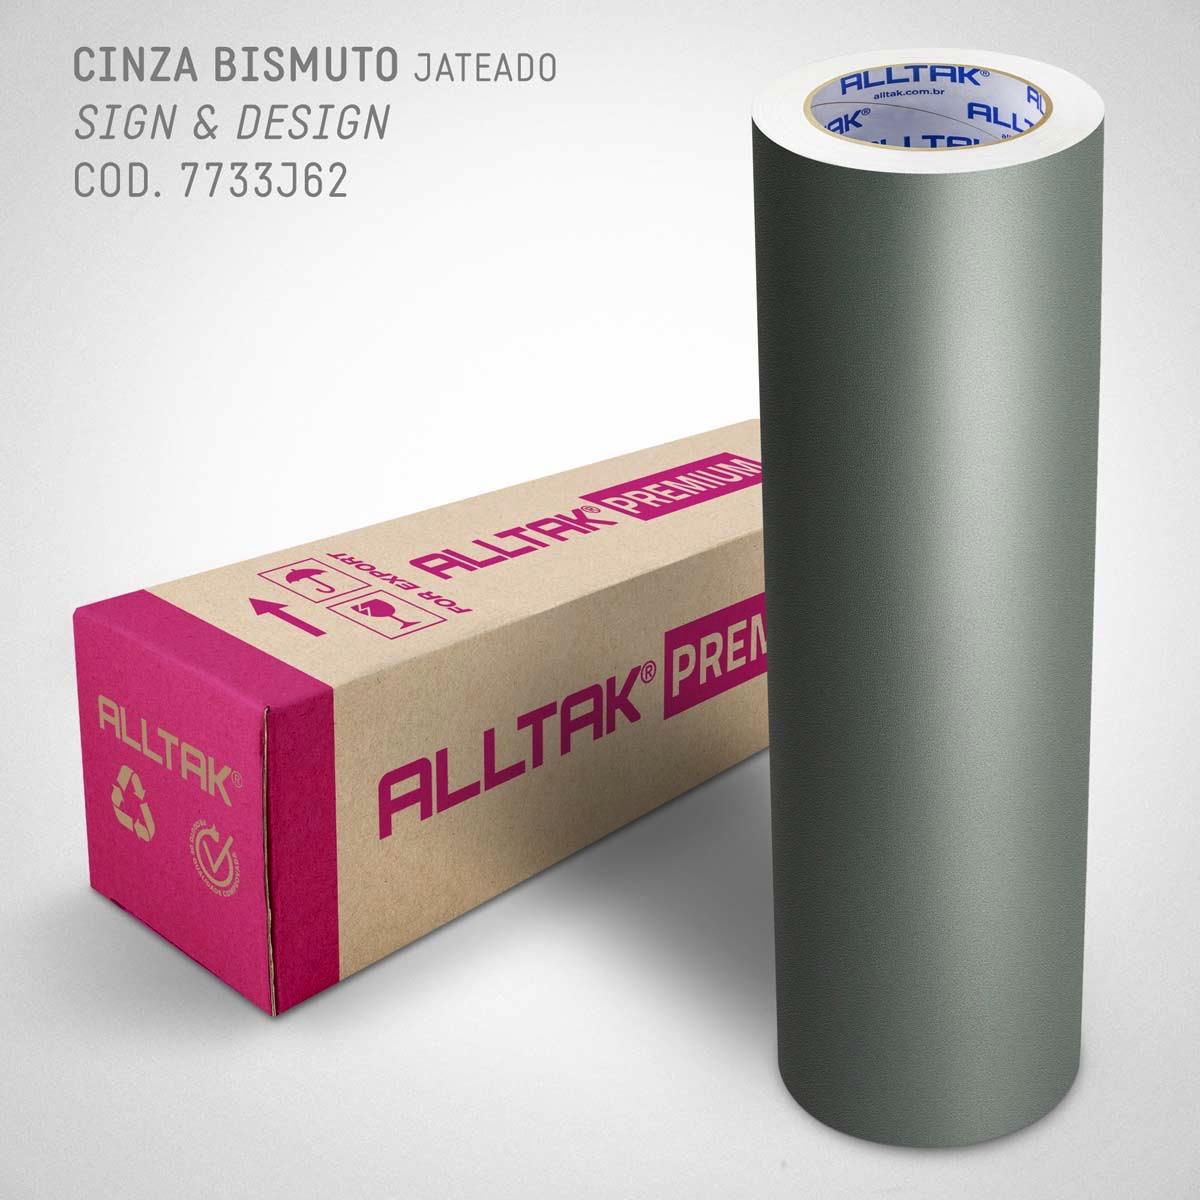 PREMIUM CINZA BISMUTO 0,08X1,22